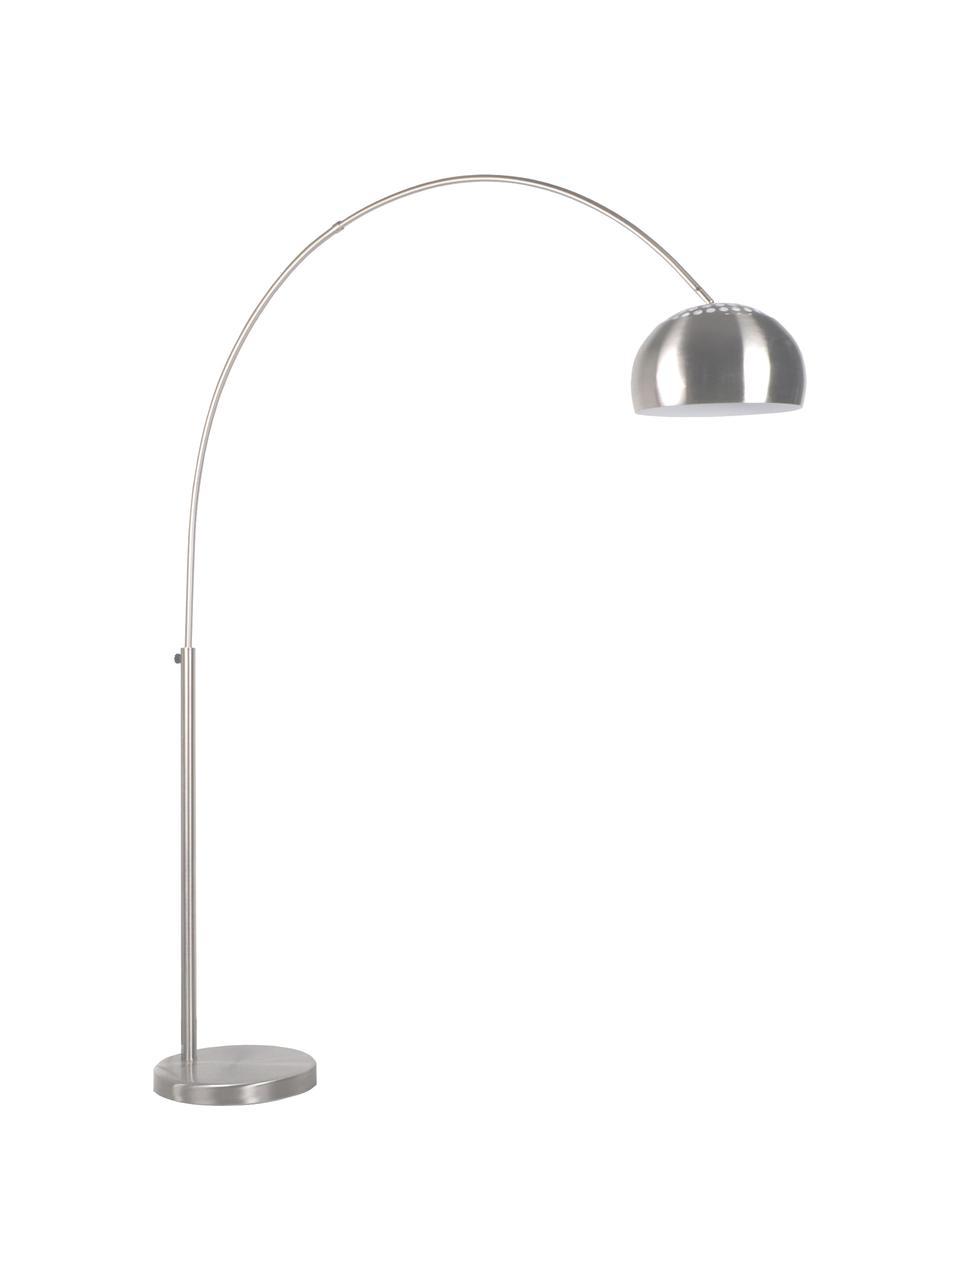 Lampa podłogowa w kształcie łuku Metal Bow, Stelaż: metal szczotkowany, Metal, S 170 x W 205 cm